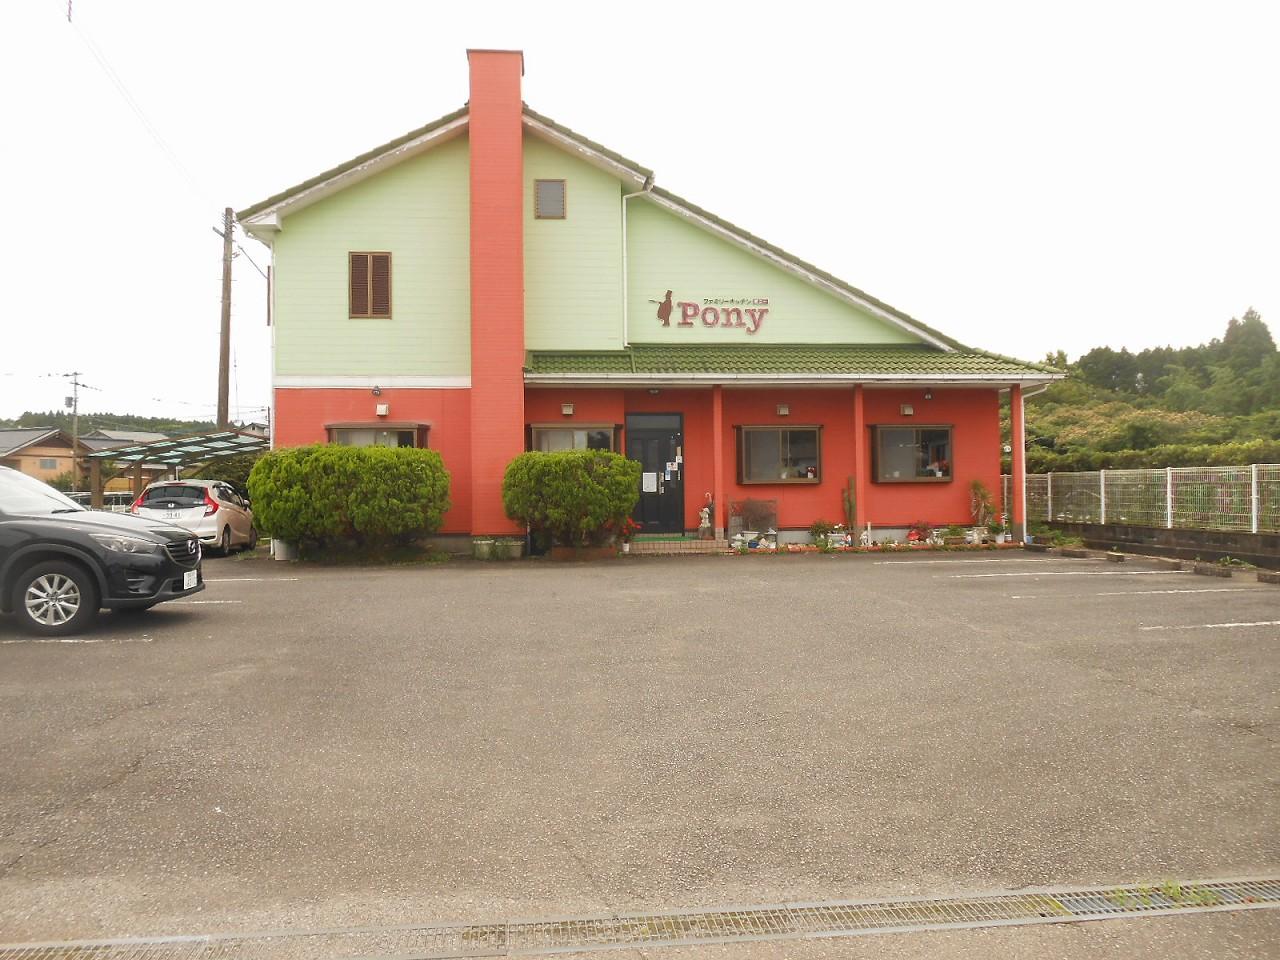 国道10号線沿い 元洋食店の物件 2階は住居スペース・駐車場11台可